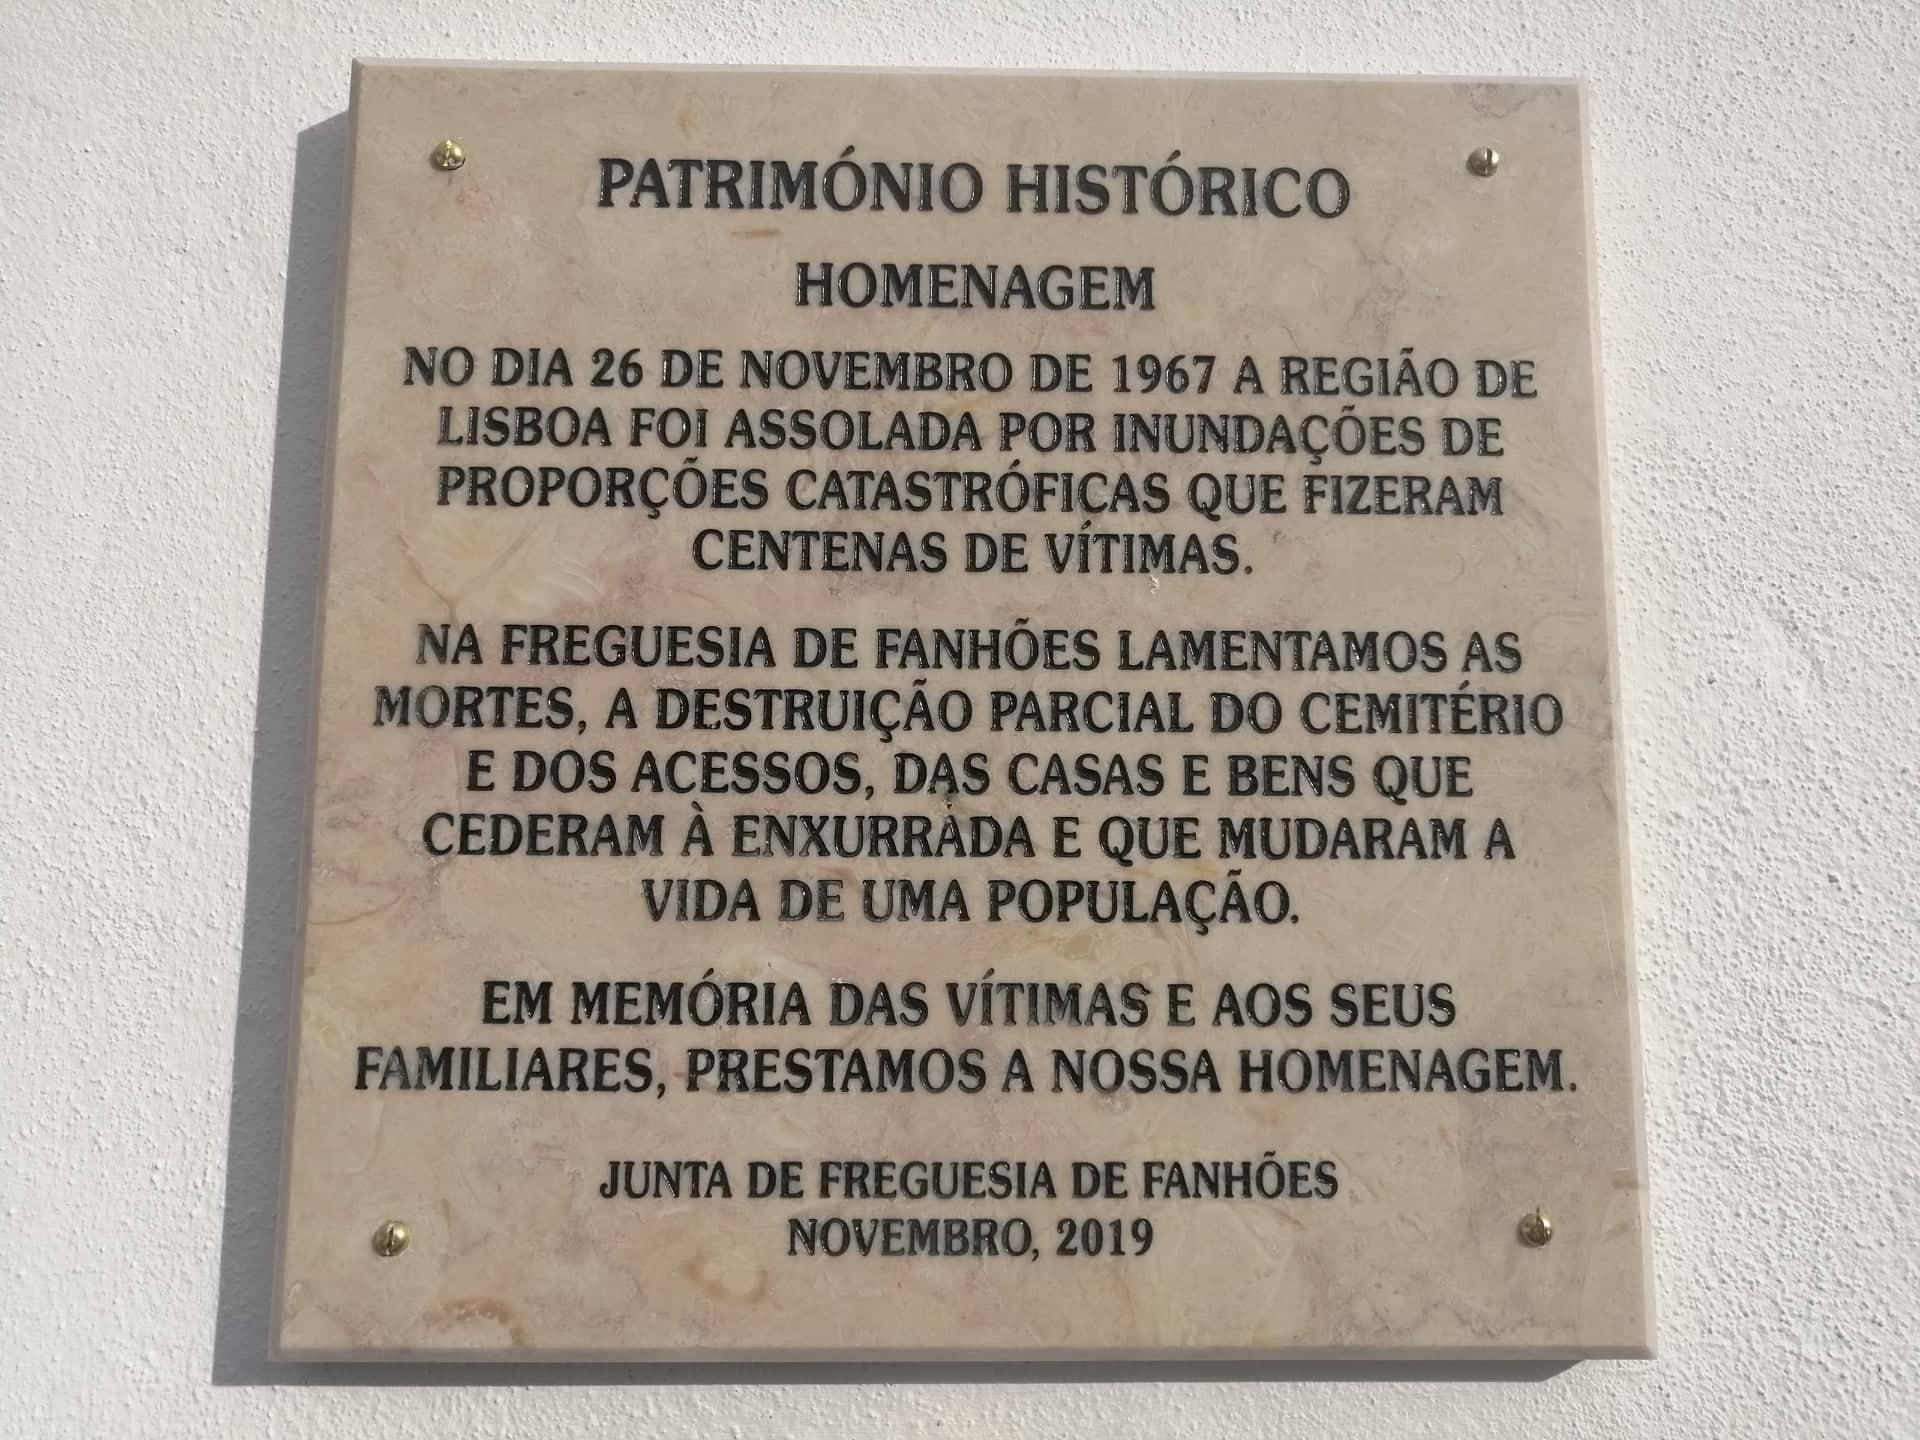 FANHÕES -(f) CEMITÉRIO DE FANHÕES – LÁPIDE DE HOMENAGEM ÀS VITIMAS DA CHEIAS DE 1967.